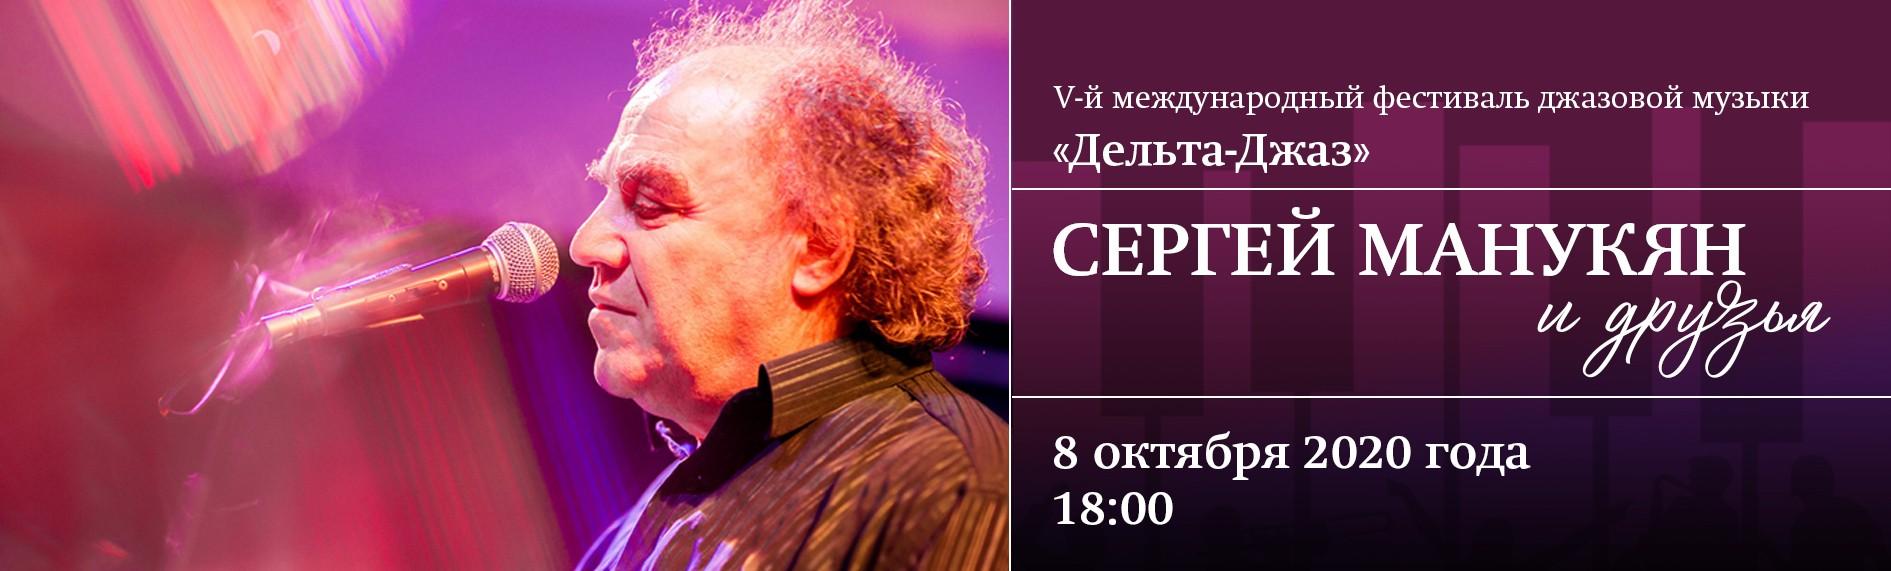 """Международный фестиваль """"Дельта-джаз"""". """"Сергей Манукян и друзья"""""""